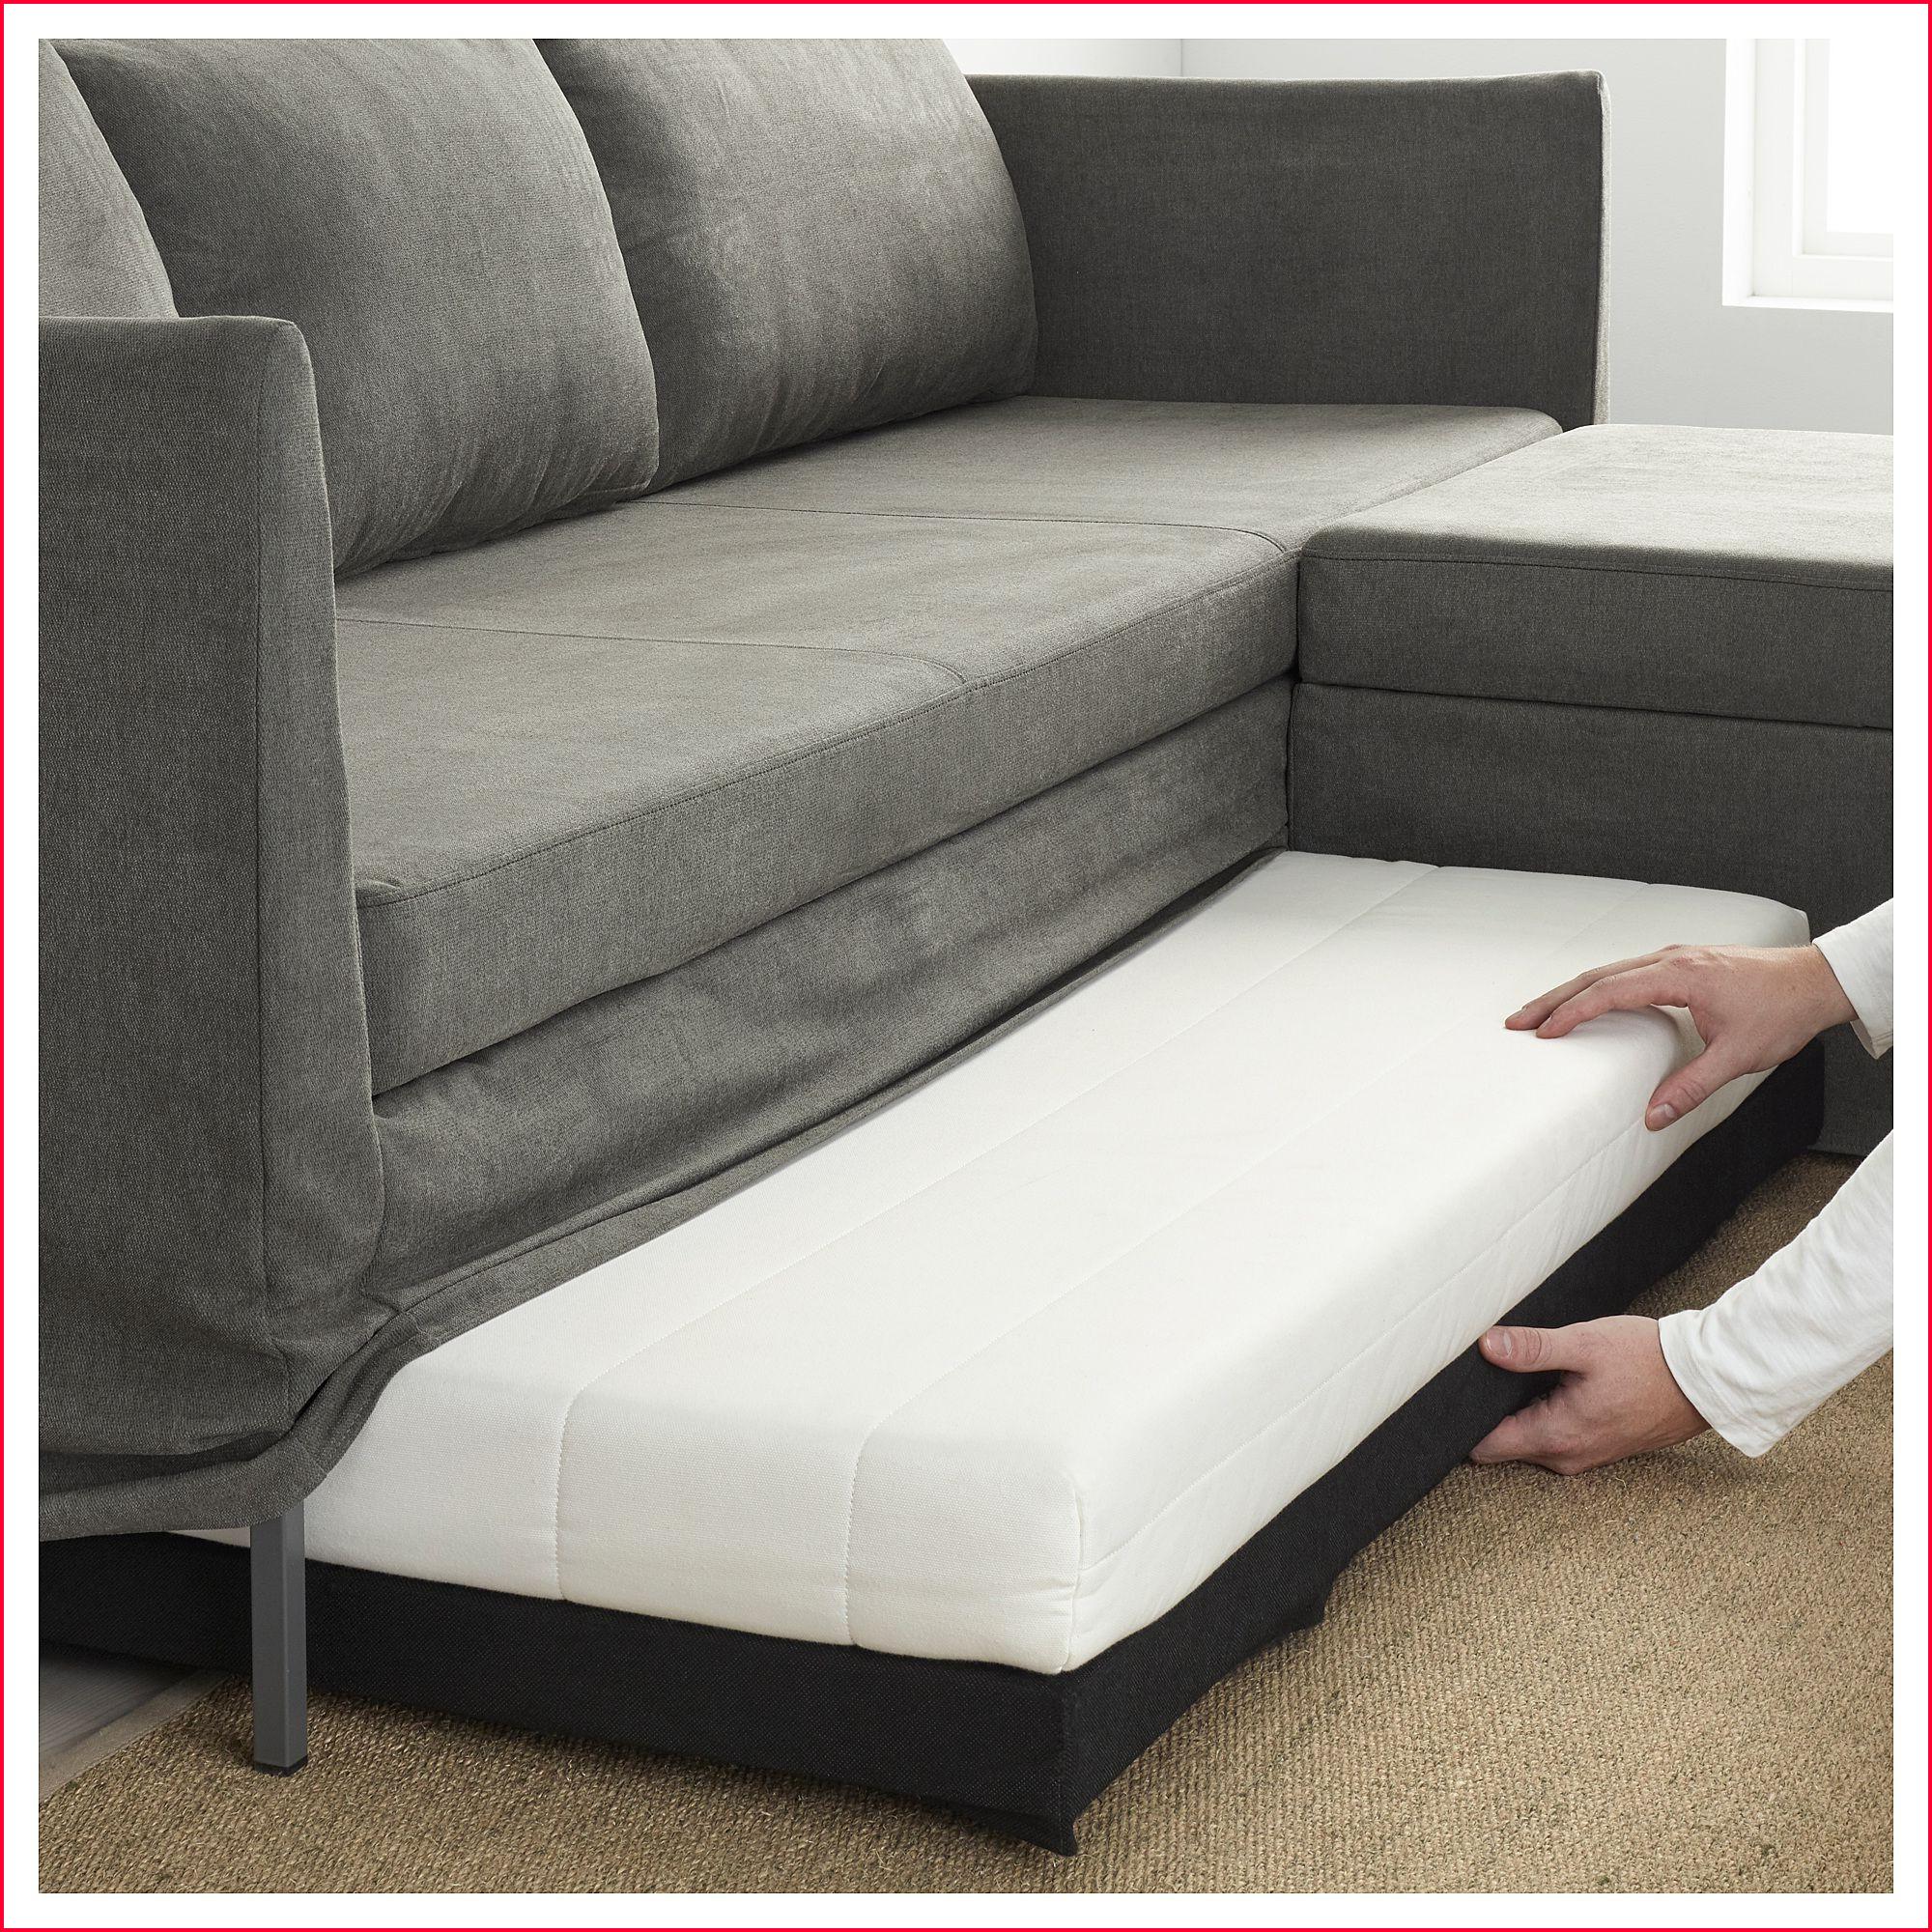 Sofa Esquinero Pequeño Q0d4 sofa Chaise Longue Pequeño Ipixelsday